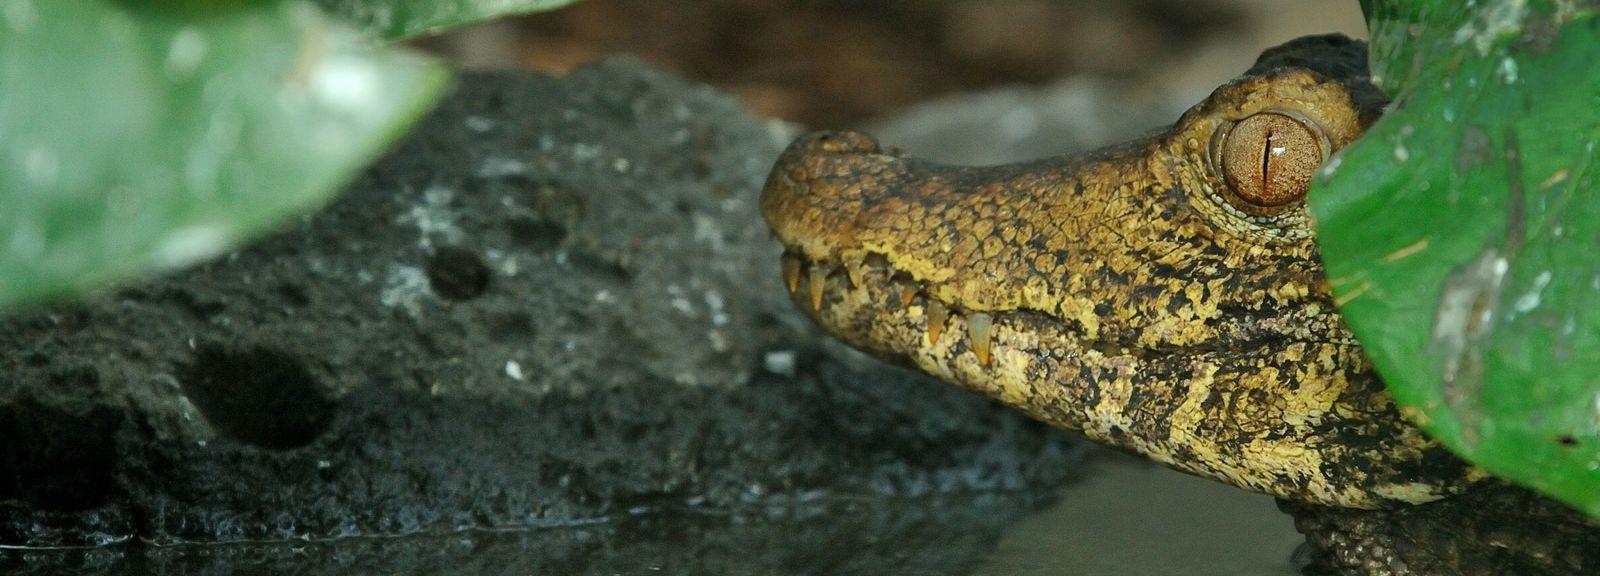 Caïman nain de Cuvier © MNHN - F-G Grandin